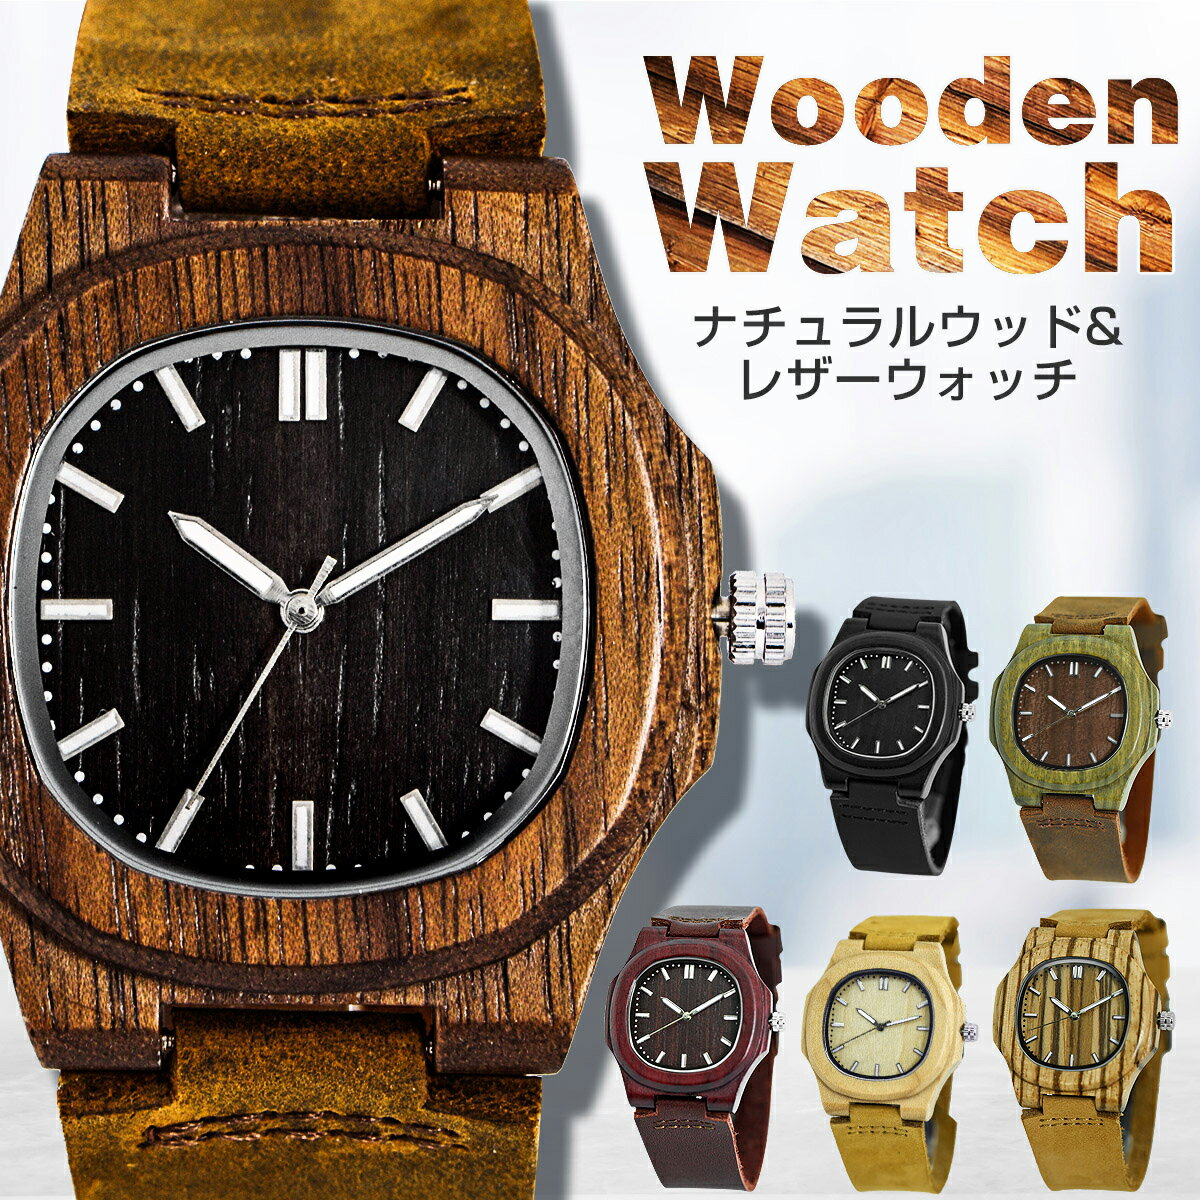 腕時計 ユニセックス 木製 Wood Watch 天然 ウッド レザー ウォッチ 時計 木の時計